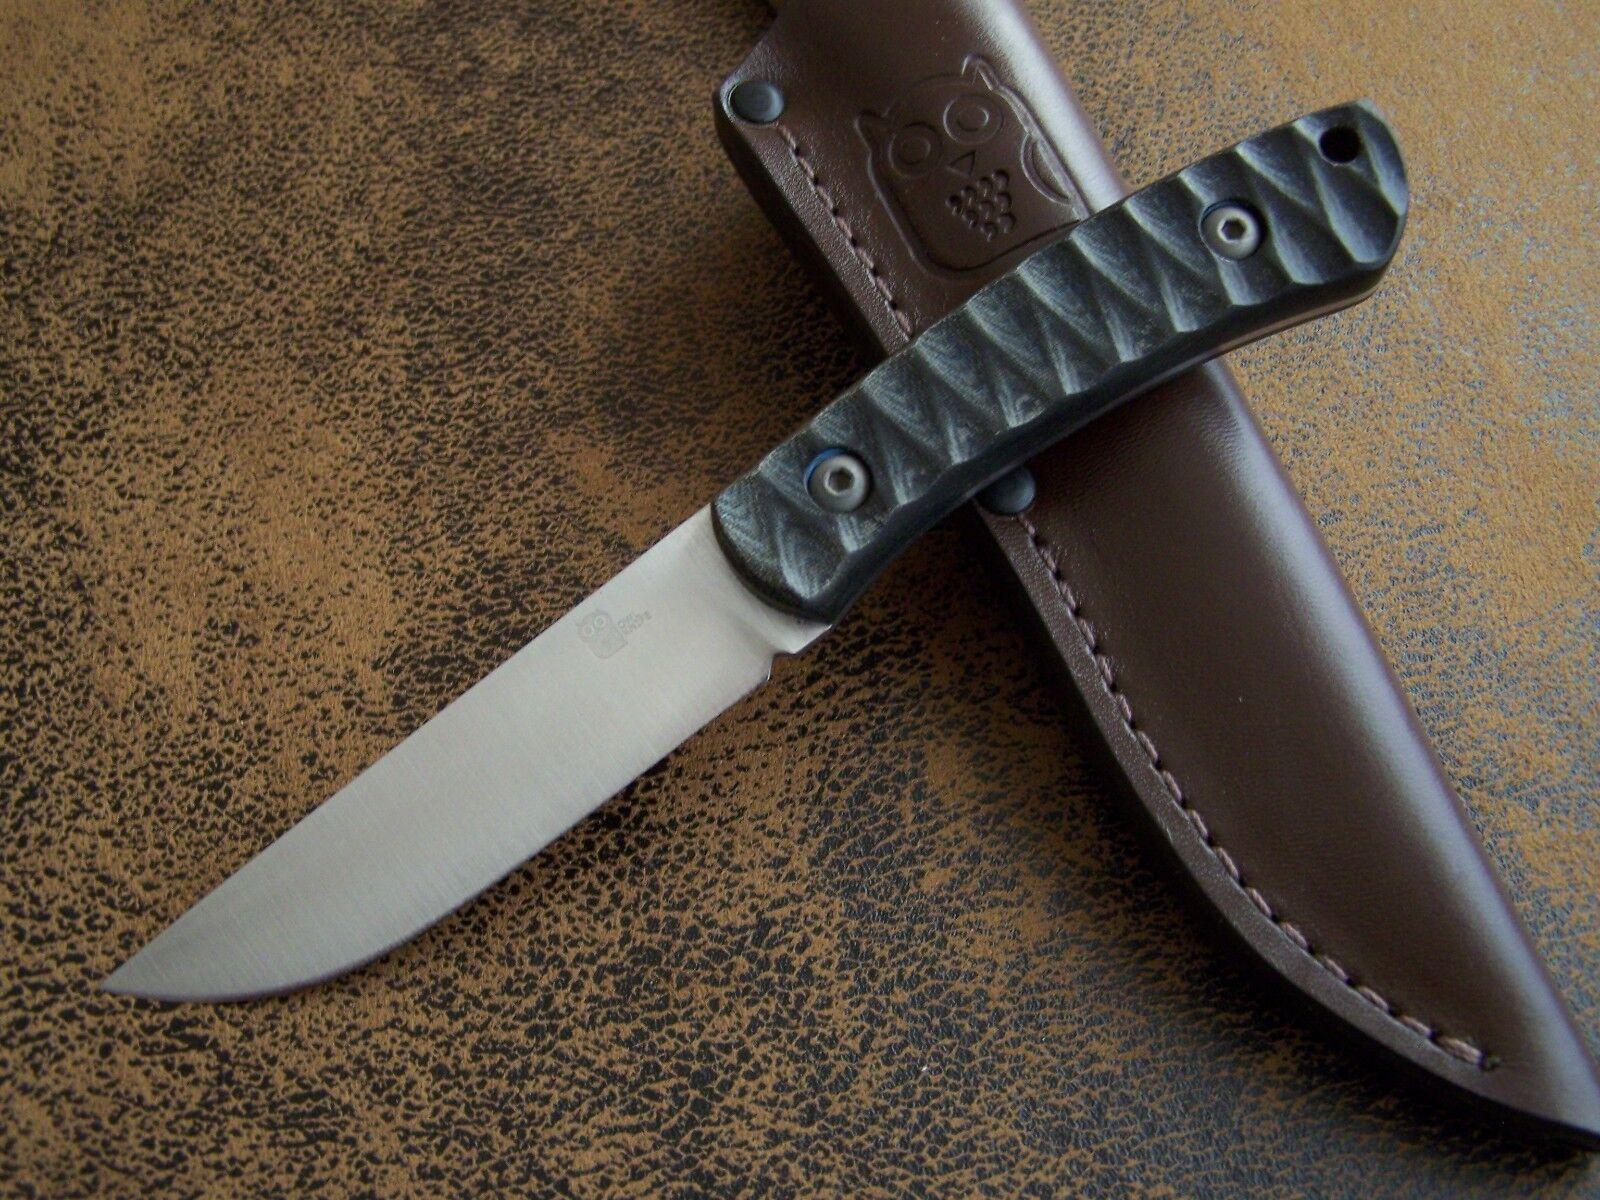 OWL KNIVES Exklusives Outdoor   Jagdmesser Mod. KETUPA-SF N690 Böhler St. 61-HRC